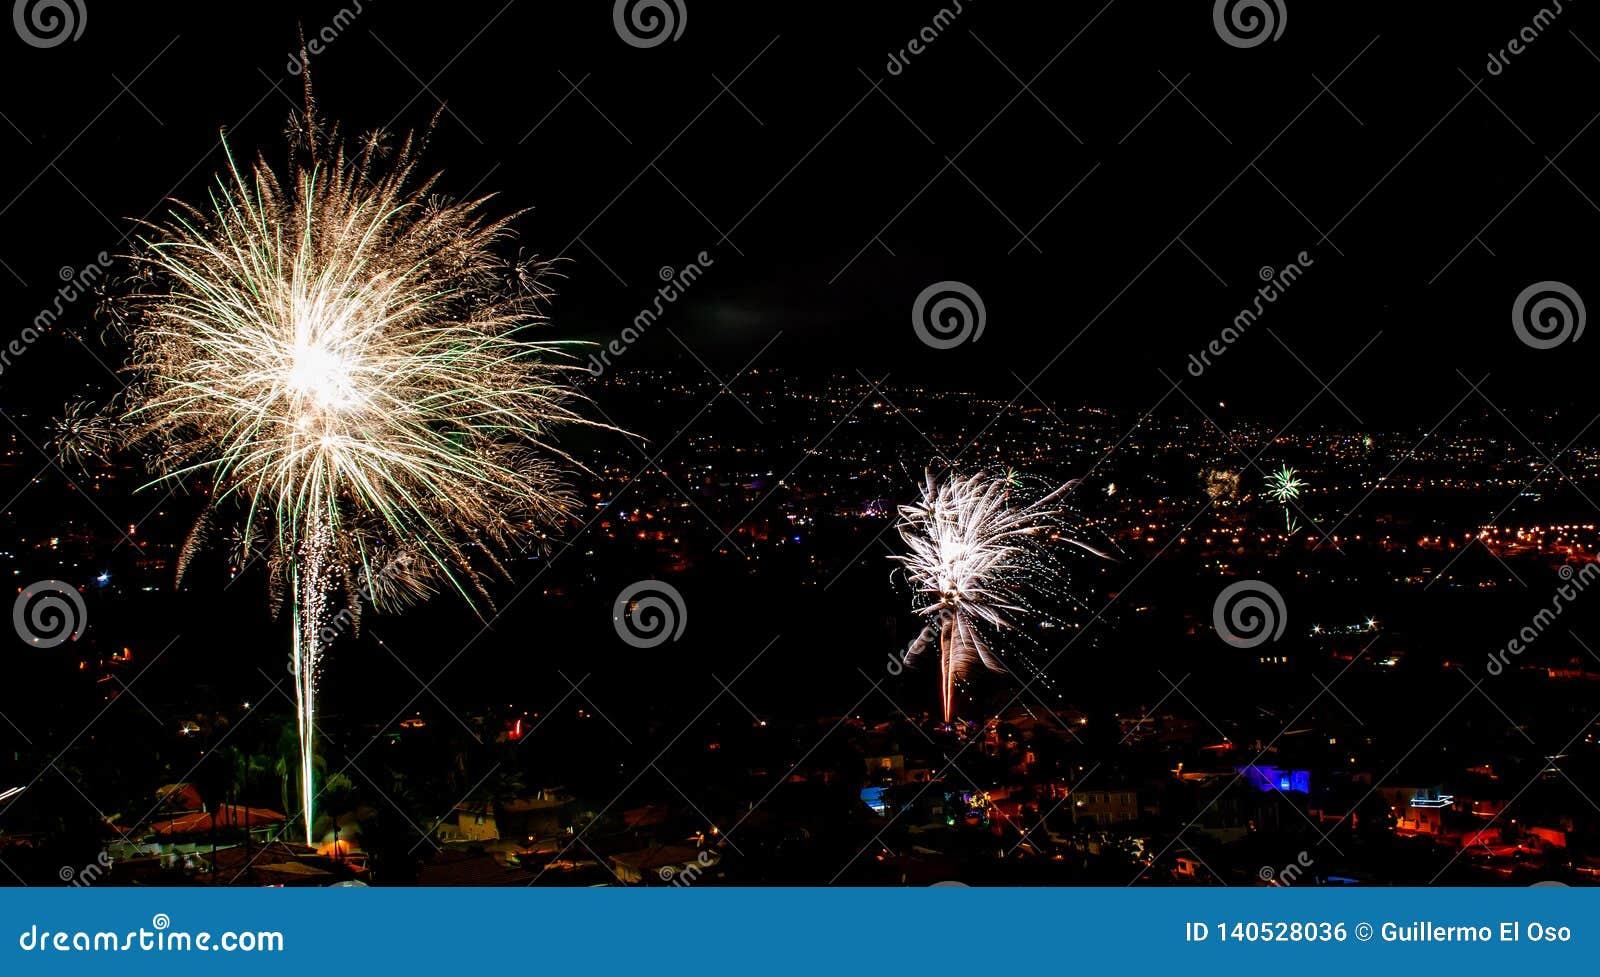 Fantastiska fyrverkerier över en stad vid natt